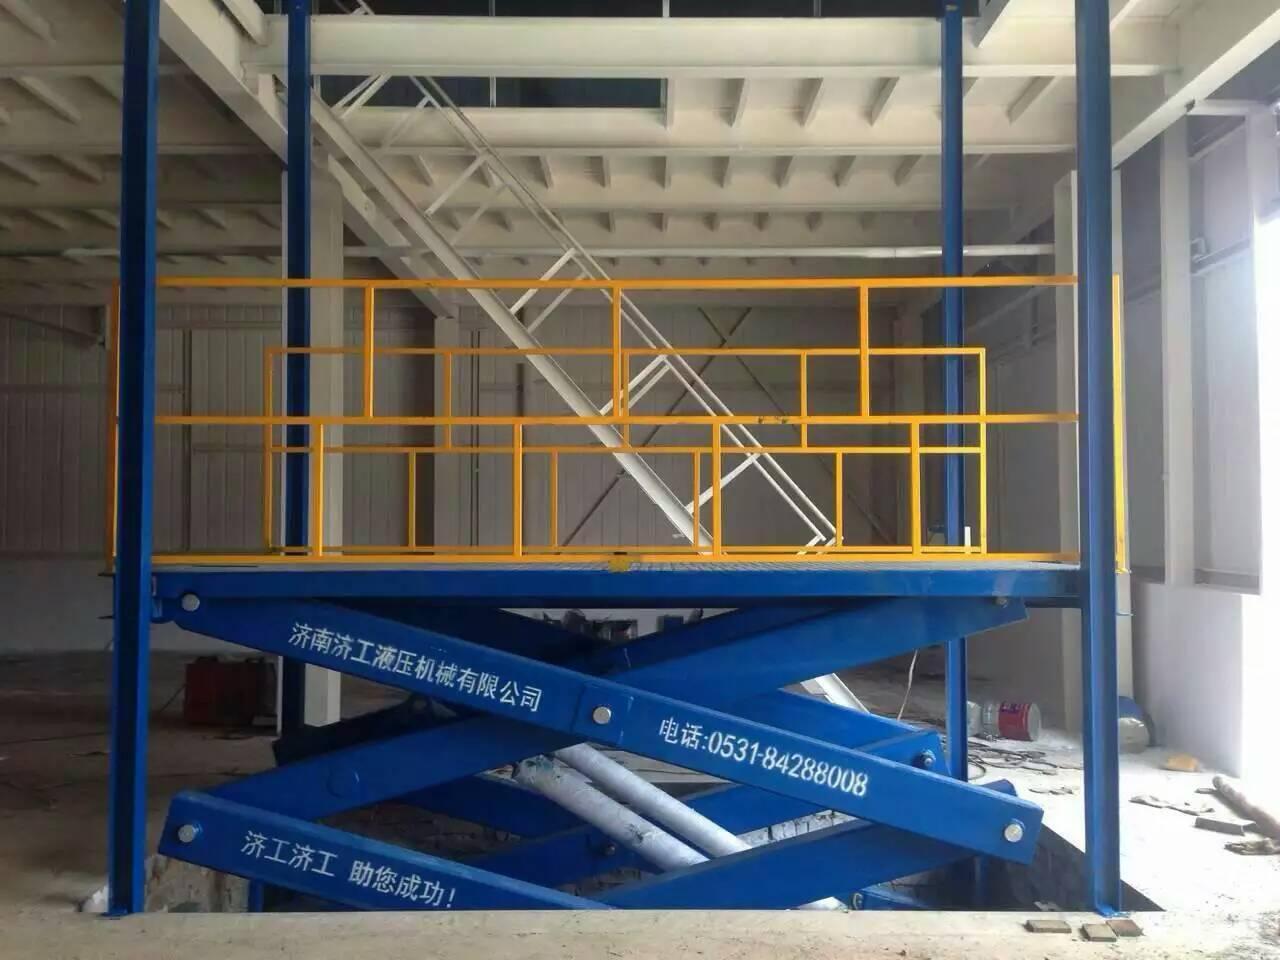 固定式升降机与剪叉式升降机用途及优势对比